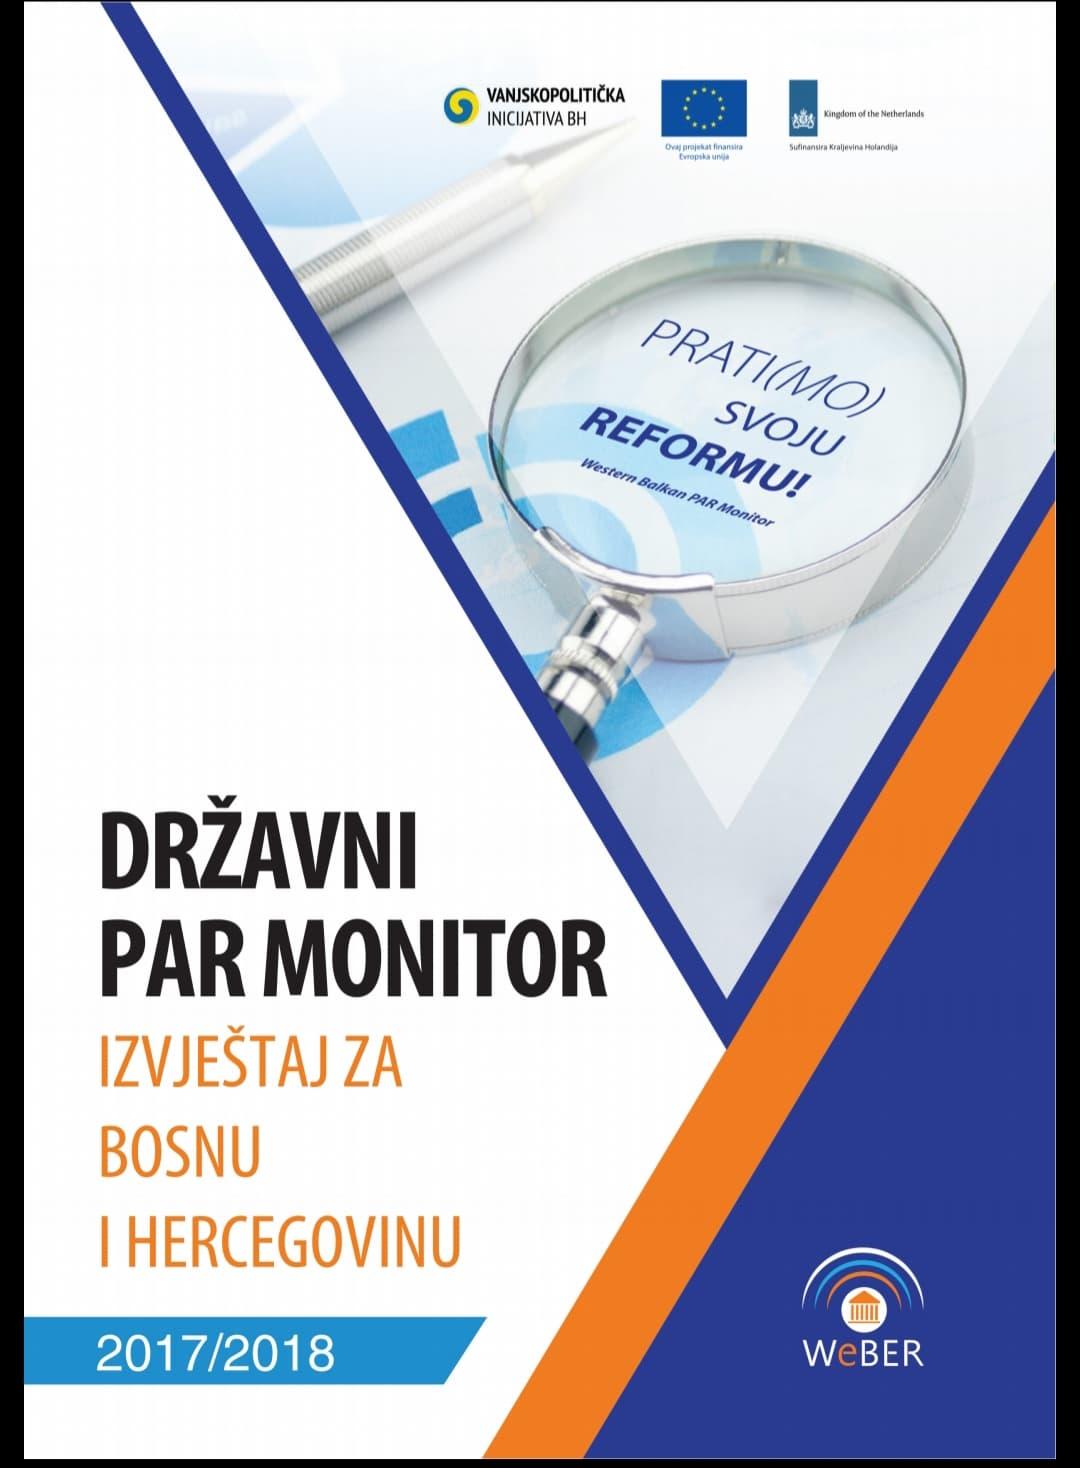 Државни ПАР Монитор – Извјештај за Босну и Херцеговину